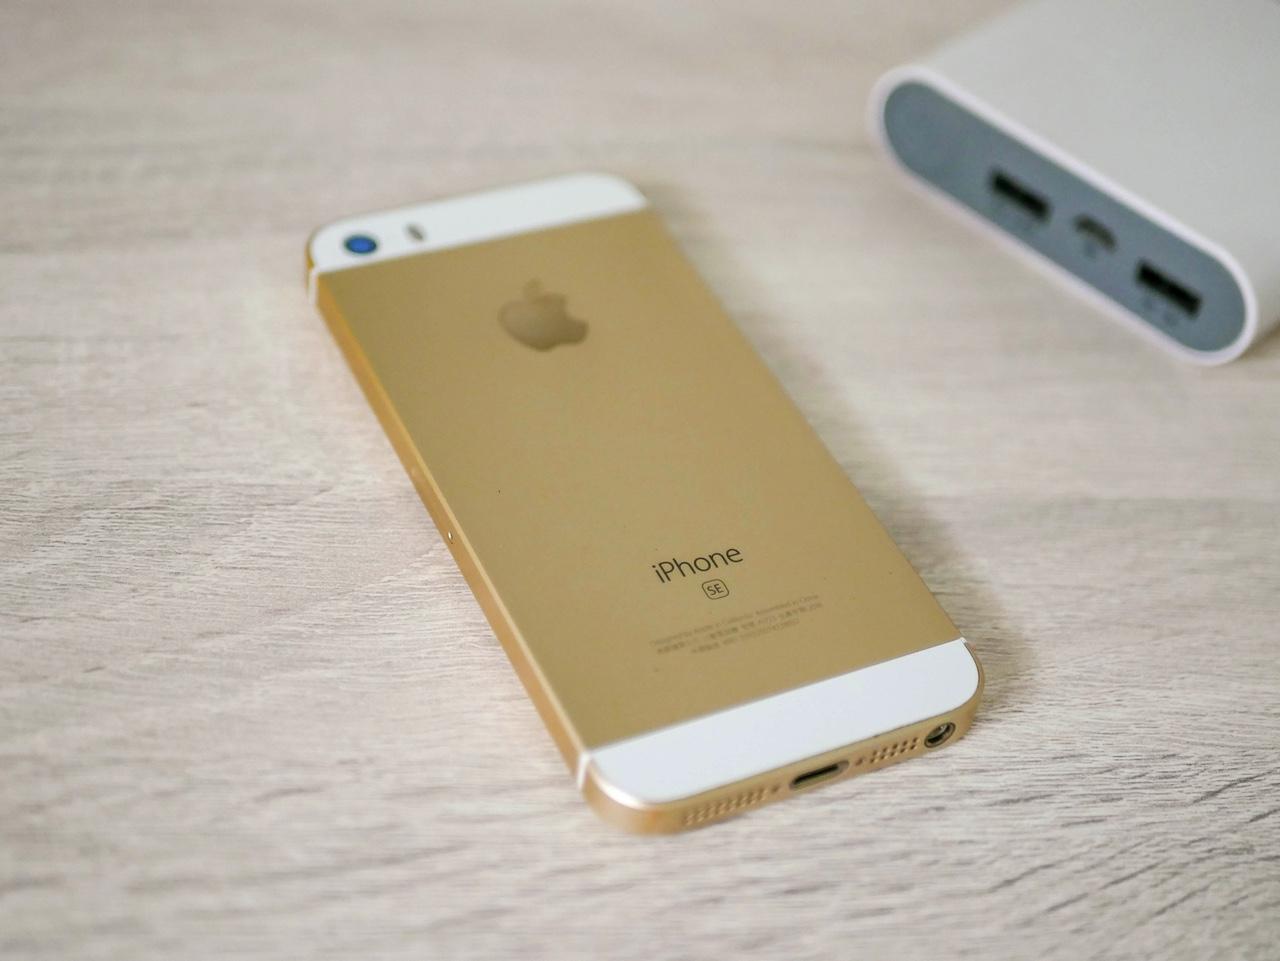 iPhone SE(第一世代)とモバイルバッテリー